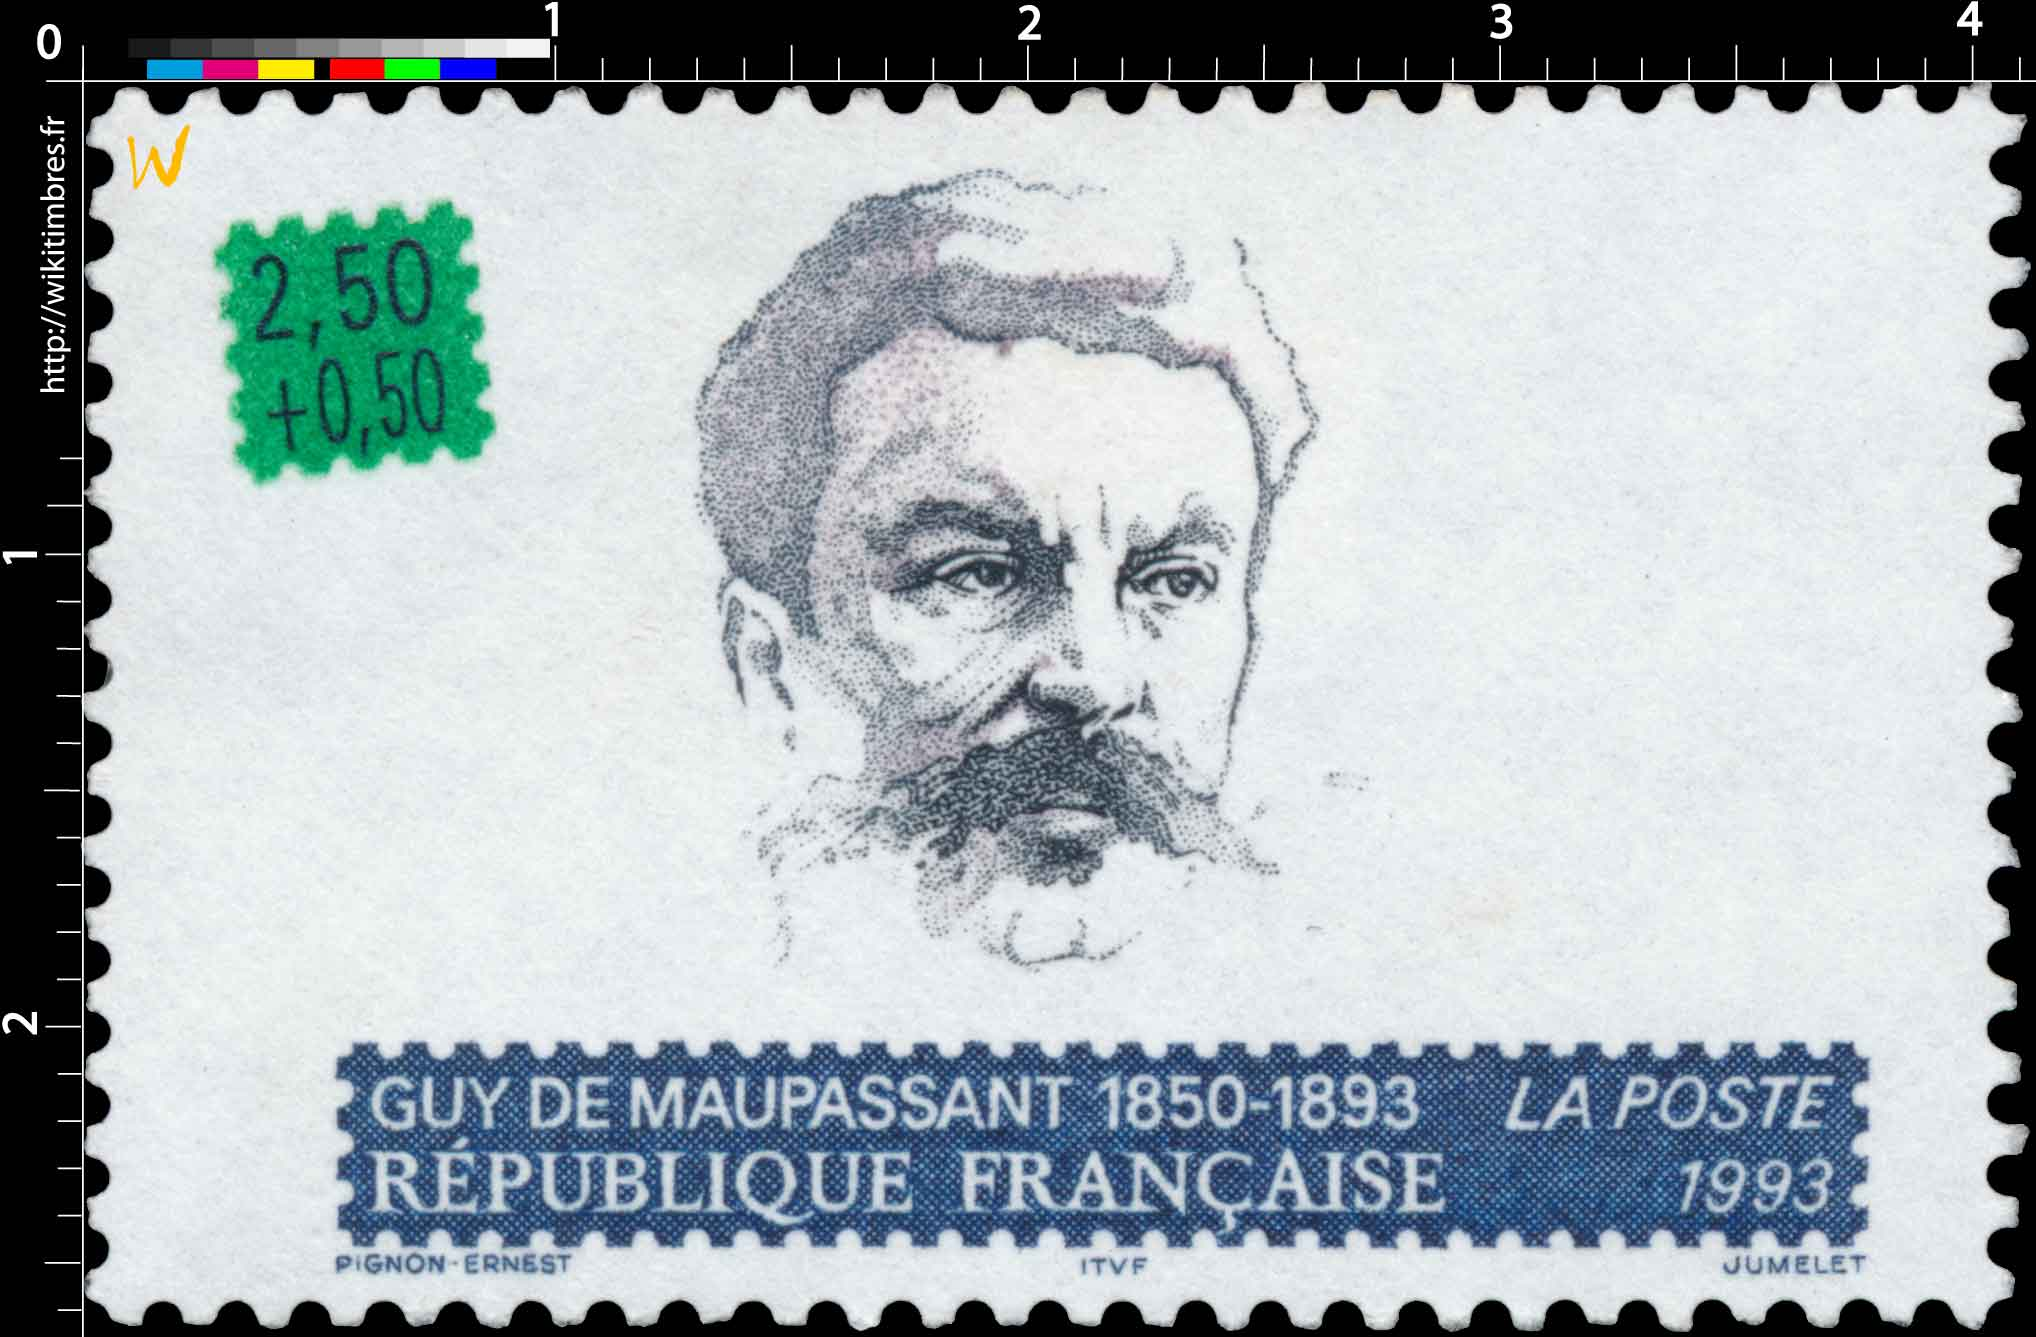 1993 GUY DE MAUPASSANT 1850-1893